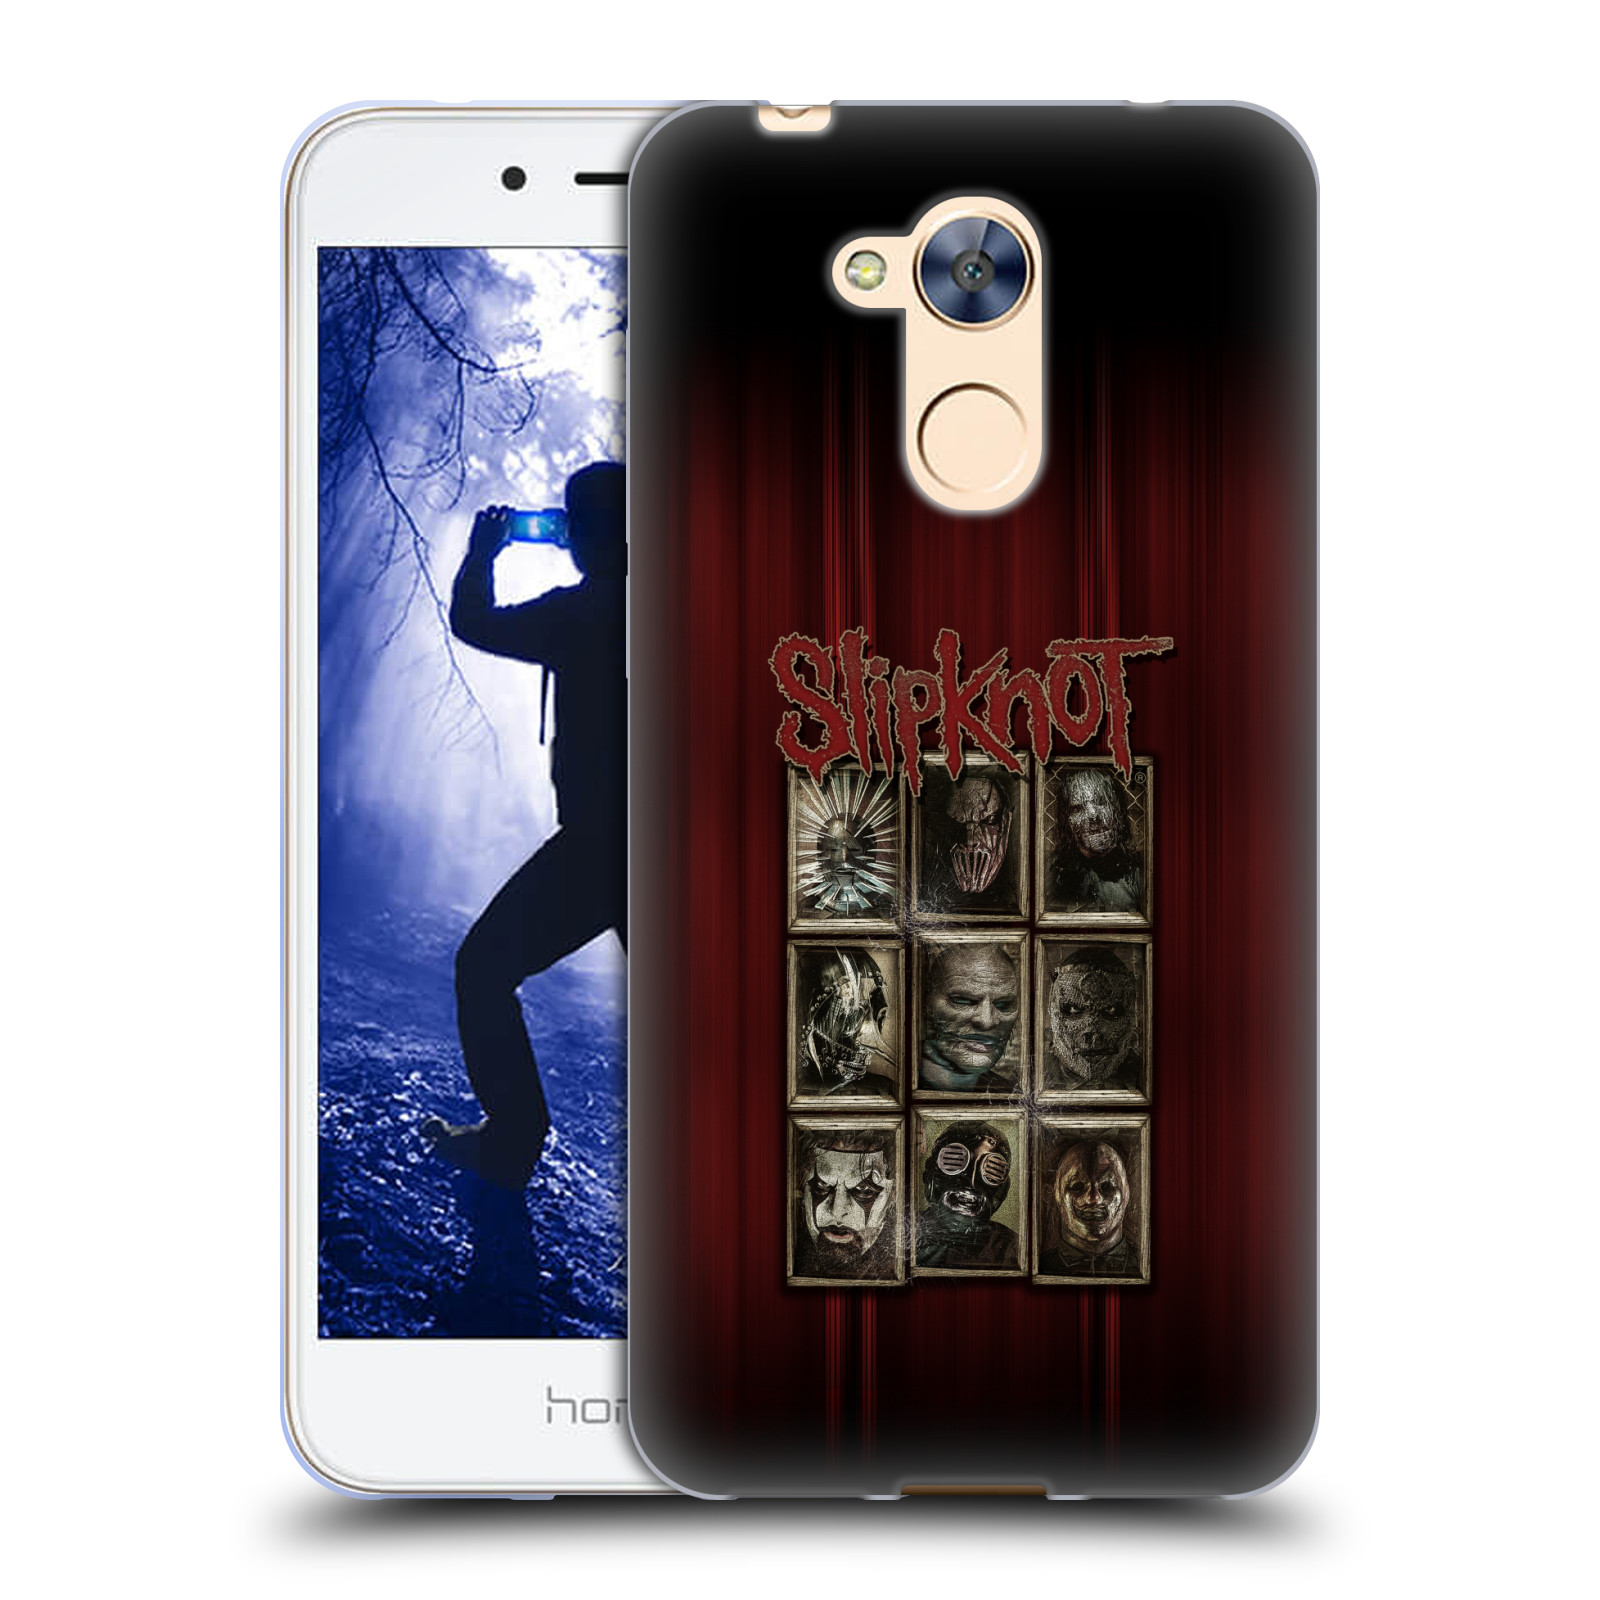 Silikonové pouzdro na mobil Honor 6A - Head Case - Slipknot - Masky (Silikonový kryt či obal na mobilní telefon Honor 6A (pouzdro má výřez na čtečku prstů, kterou obsahují některé verze) s motivem Slipknot - Masky)